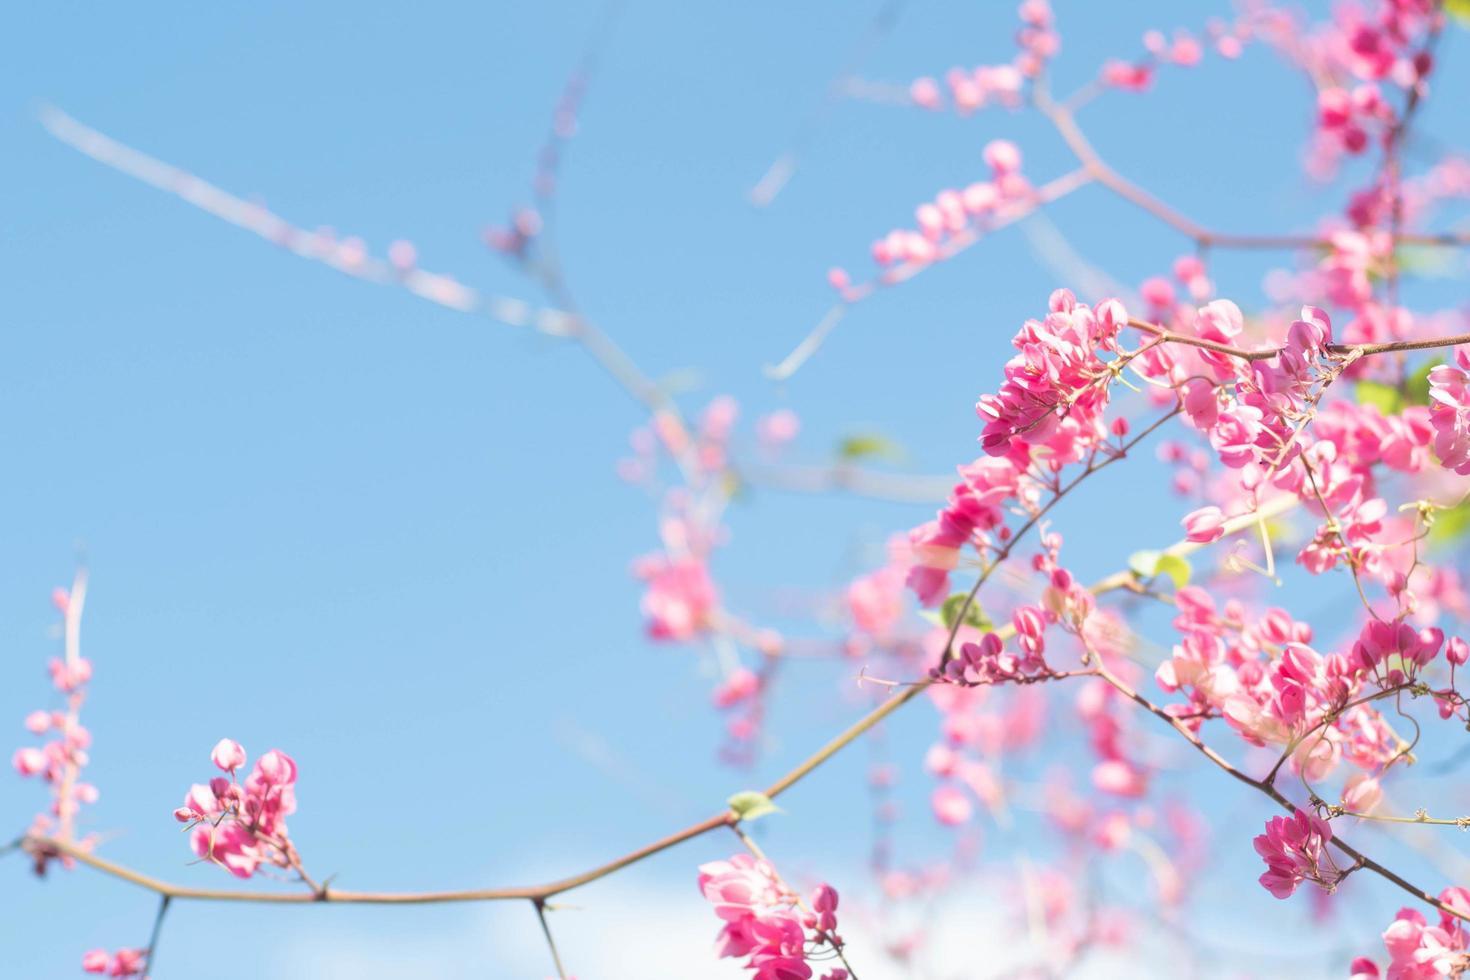 mooie heldere kersenbloesem boom foto